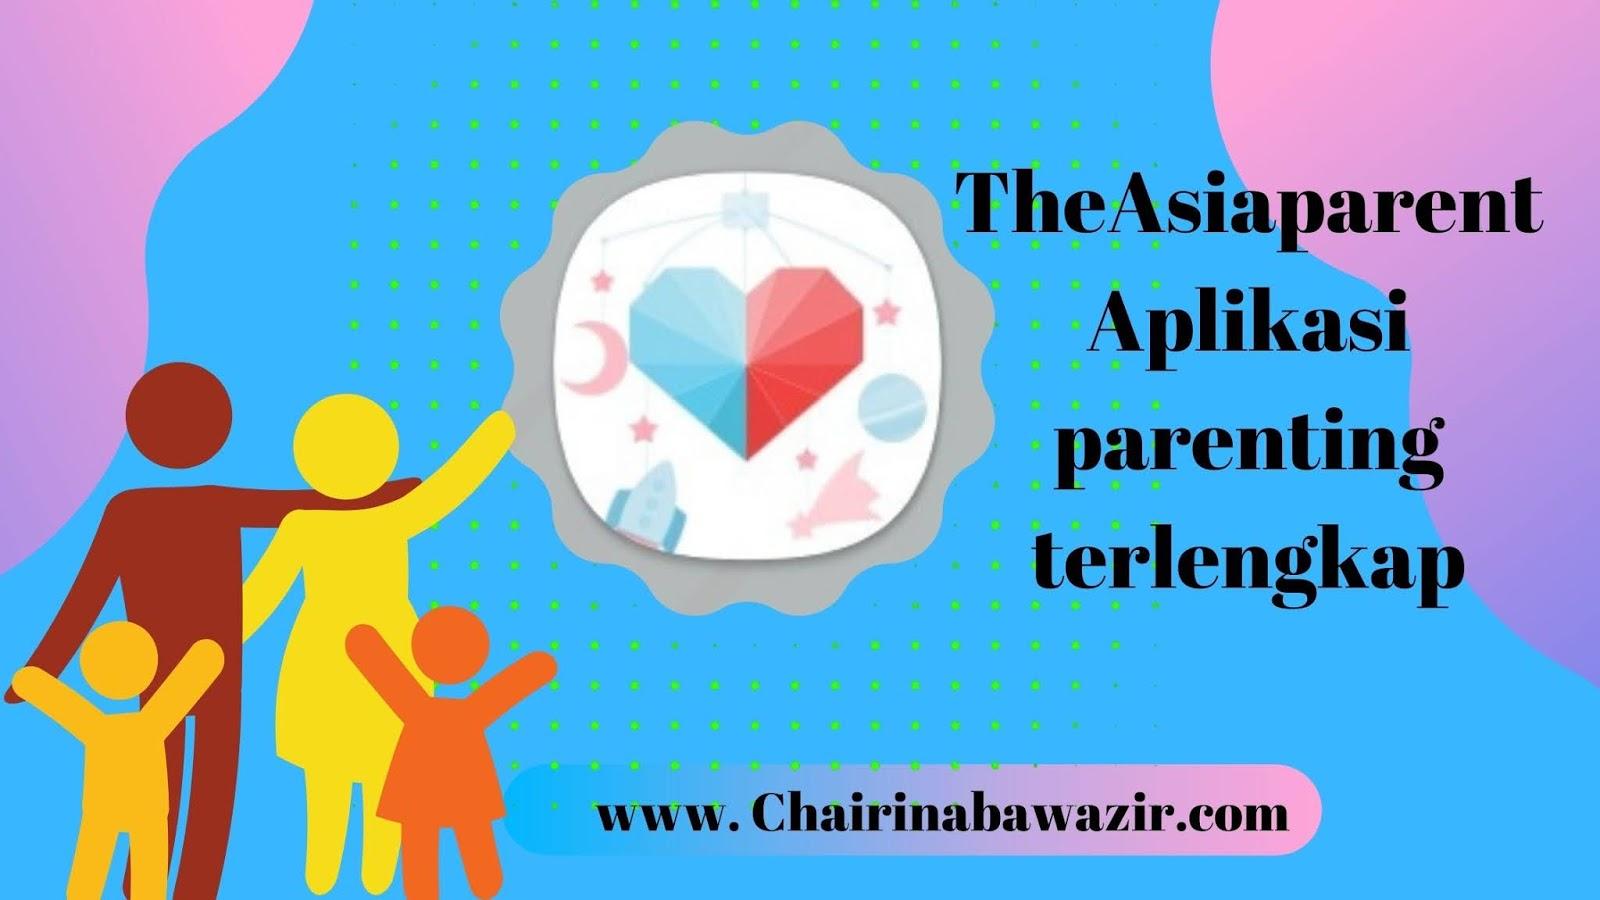 theAsiaparent-aplikasi-parenting-terlengkap